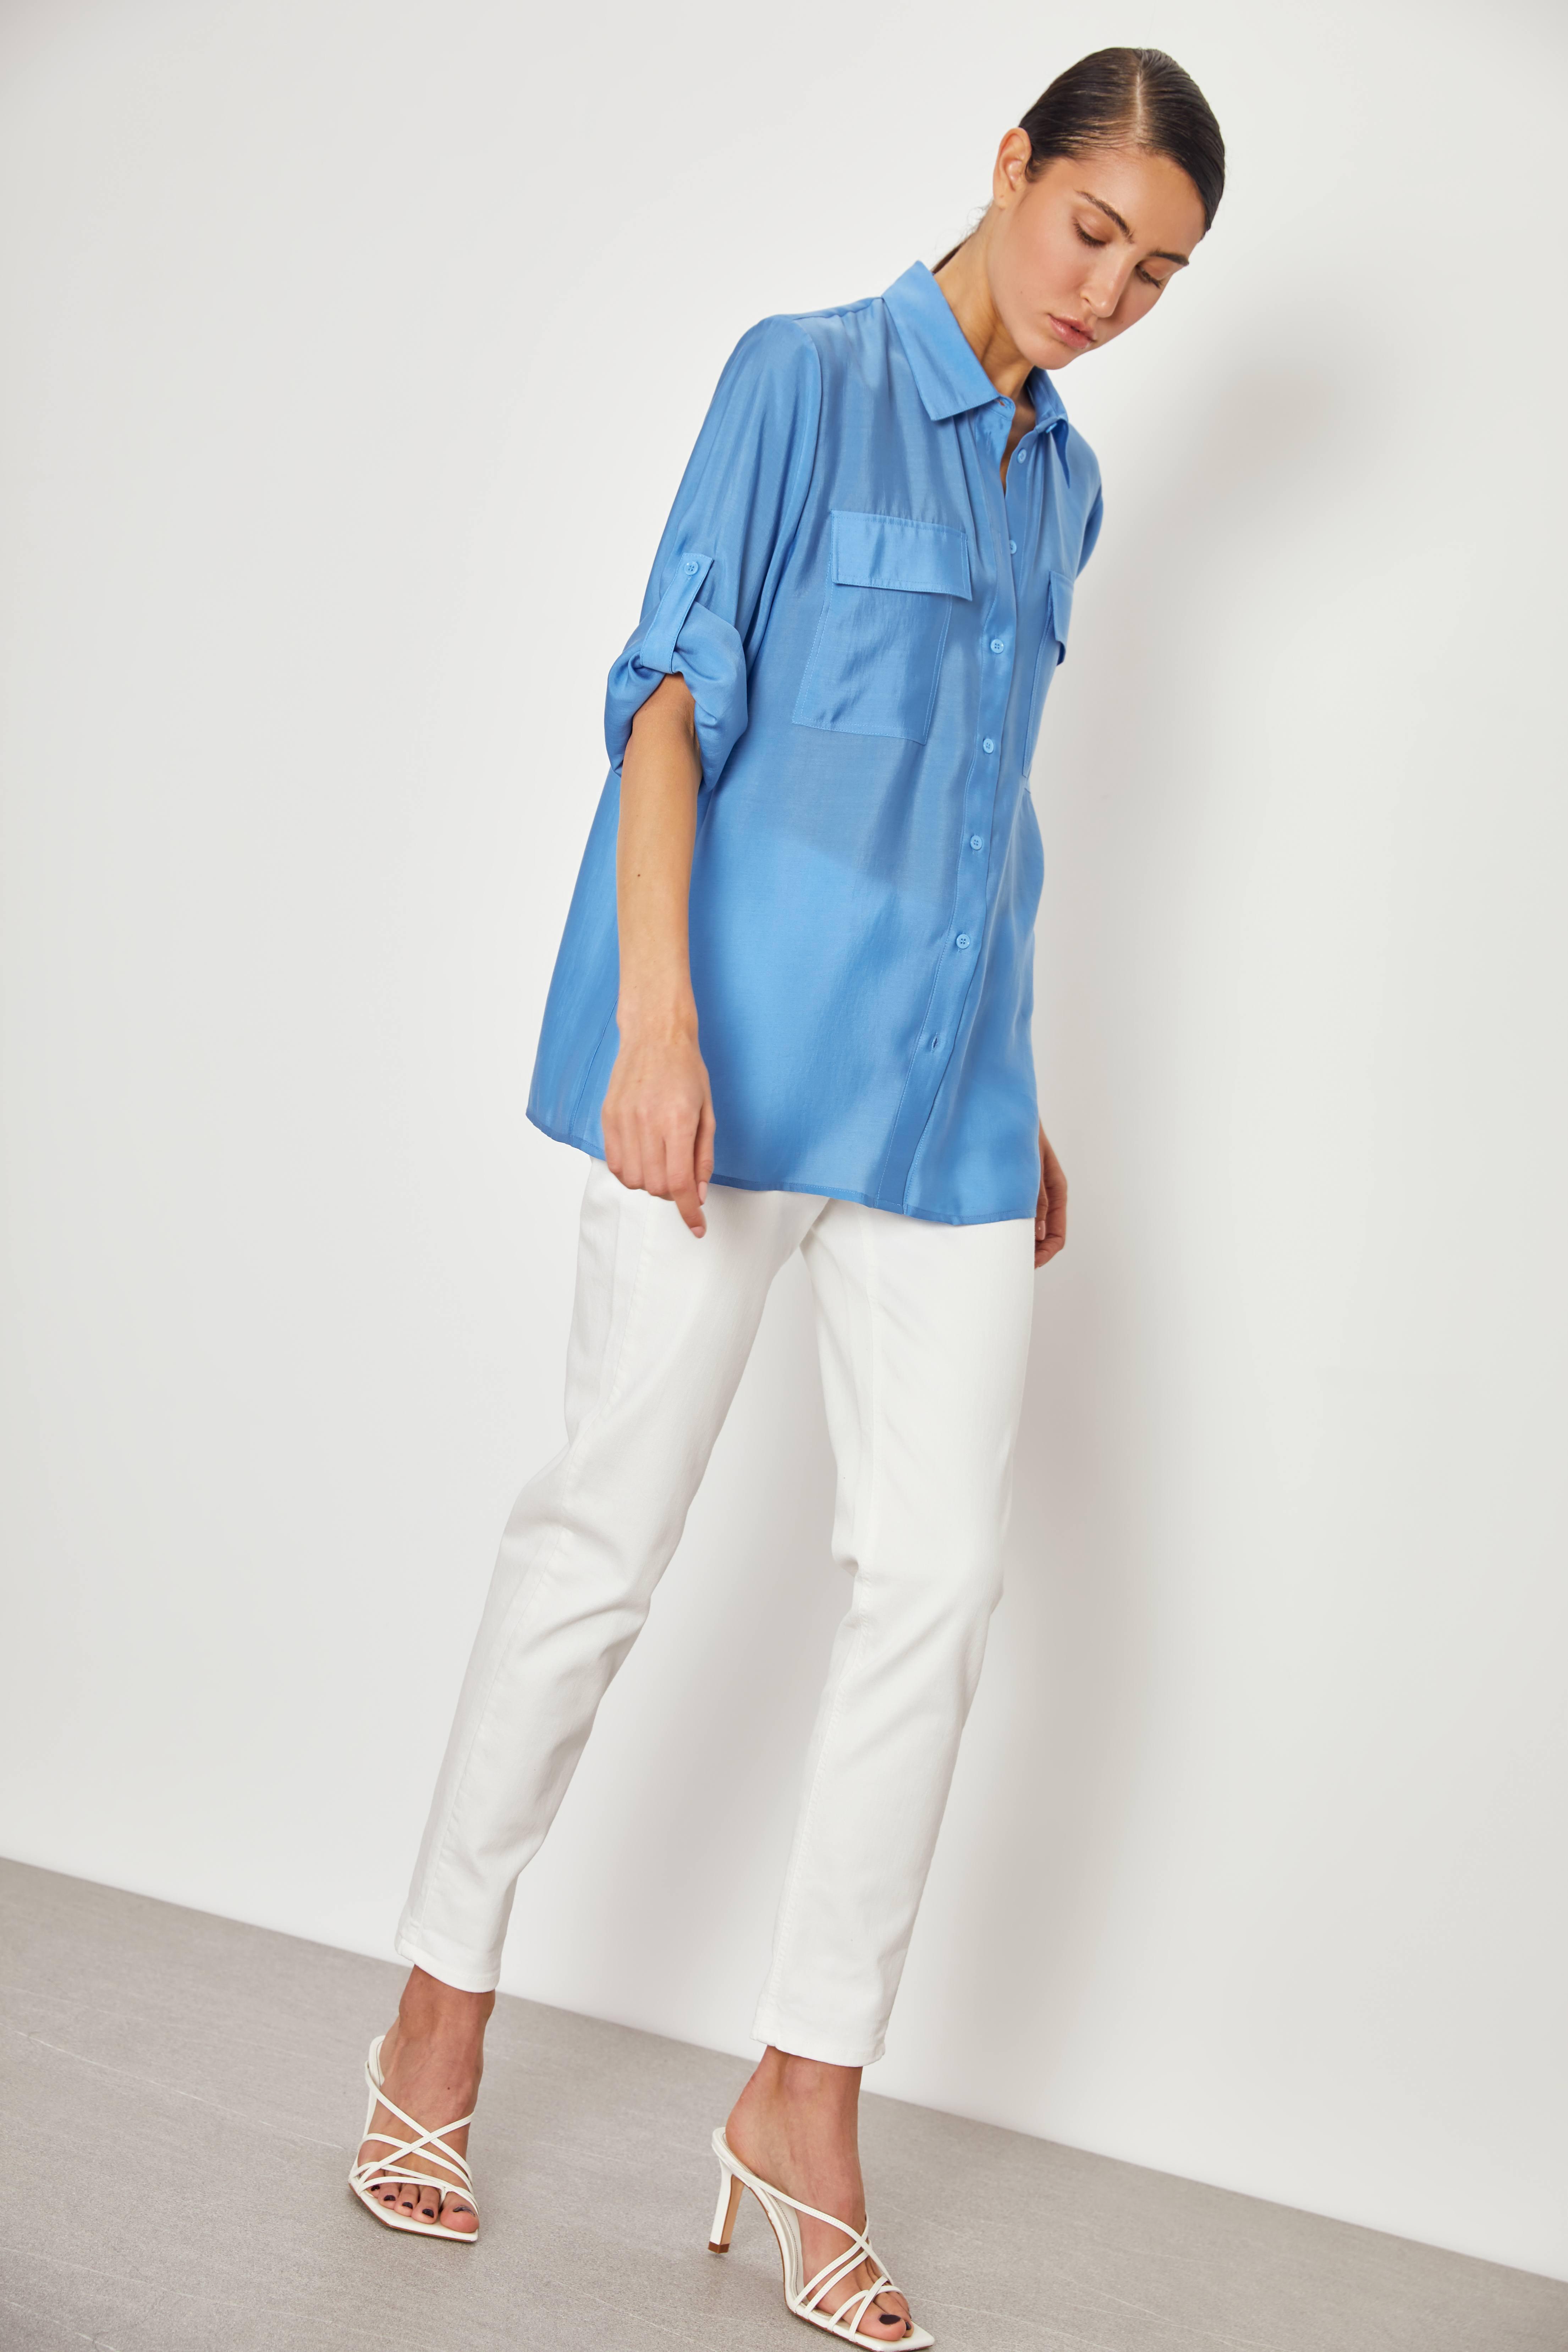 Рубашка с отворотами на рукавах фото